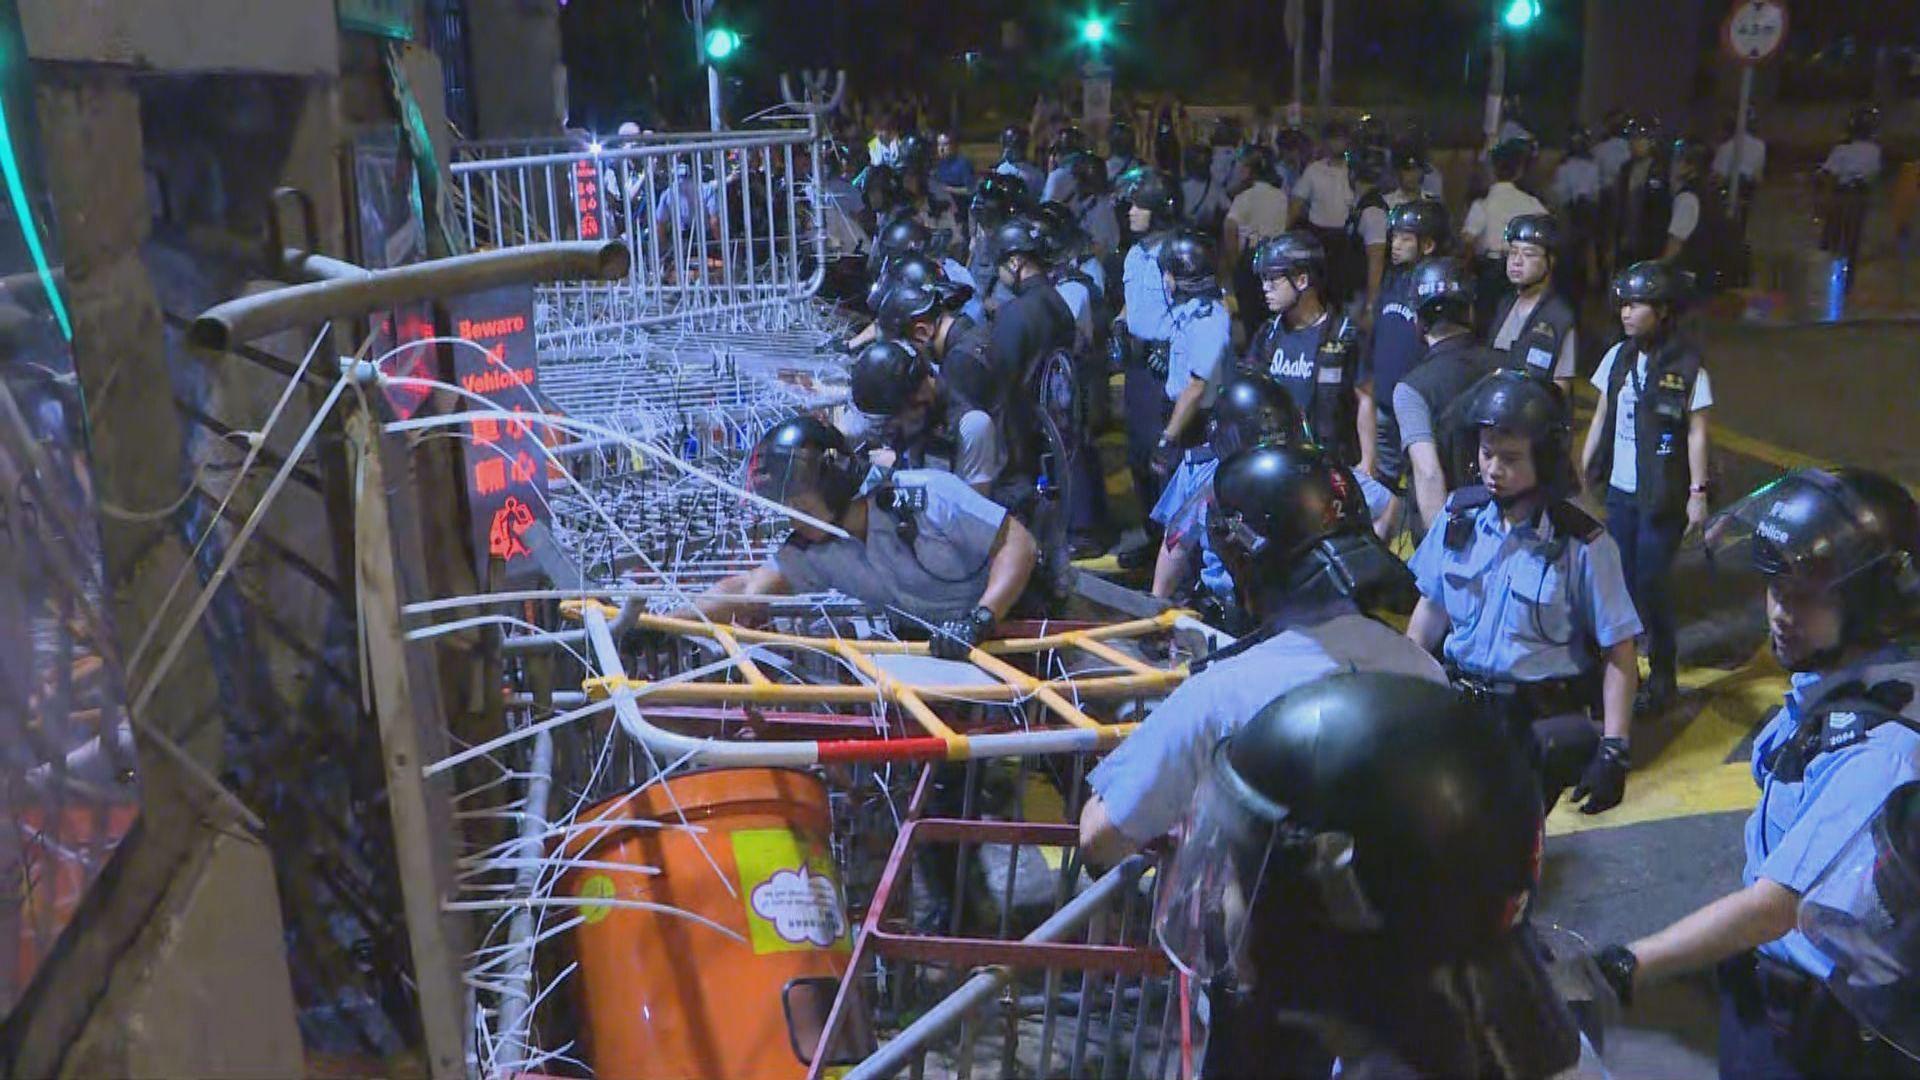 警方凌晨移走堵塞警總外障礙物